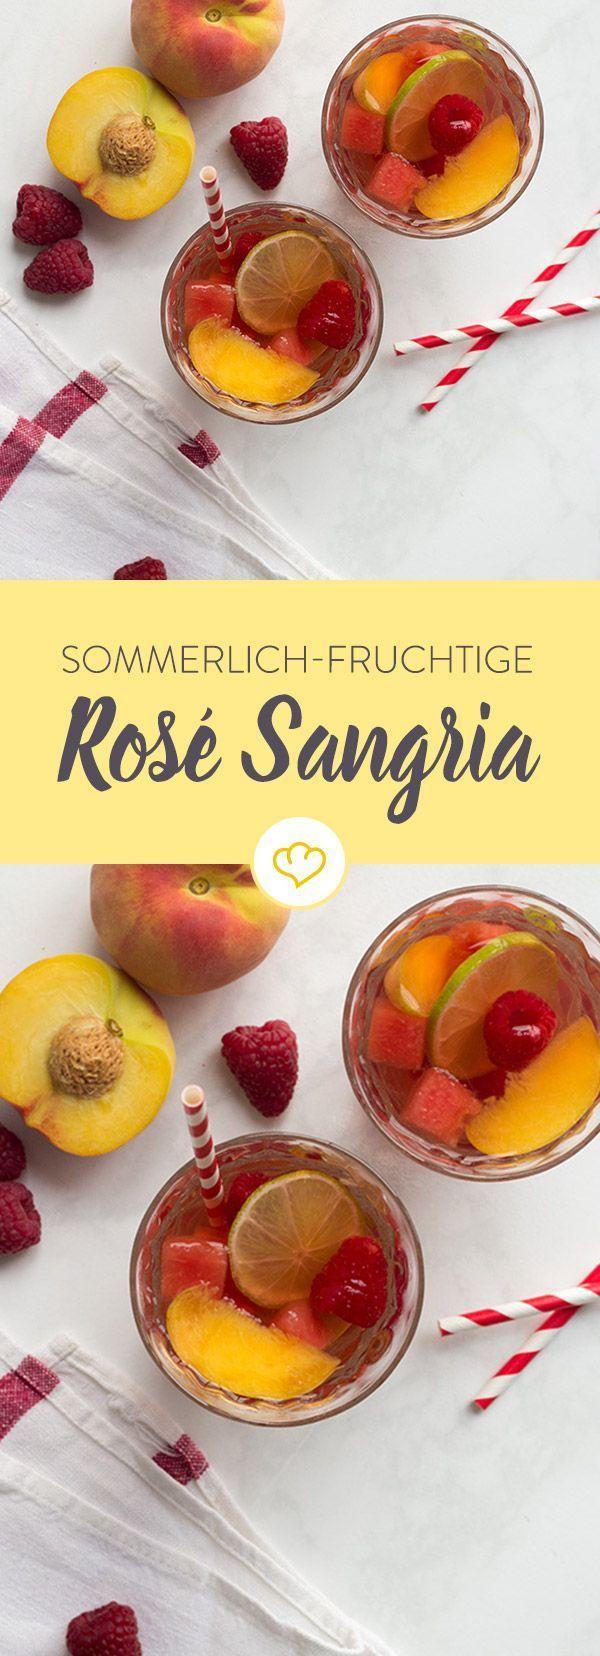 Fruchtige Rosé Sangria | Recipe | drinks | Bowle rezepte ...